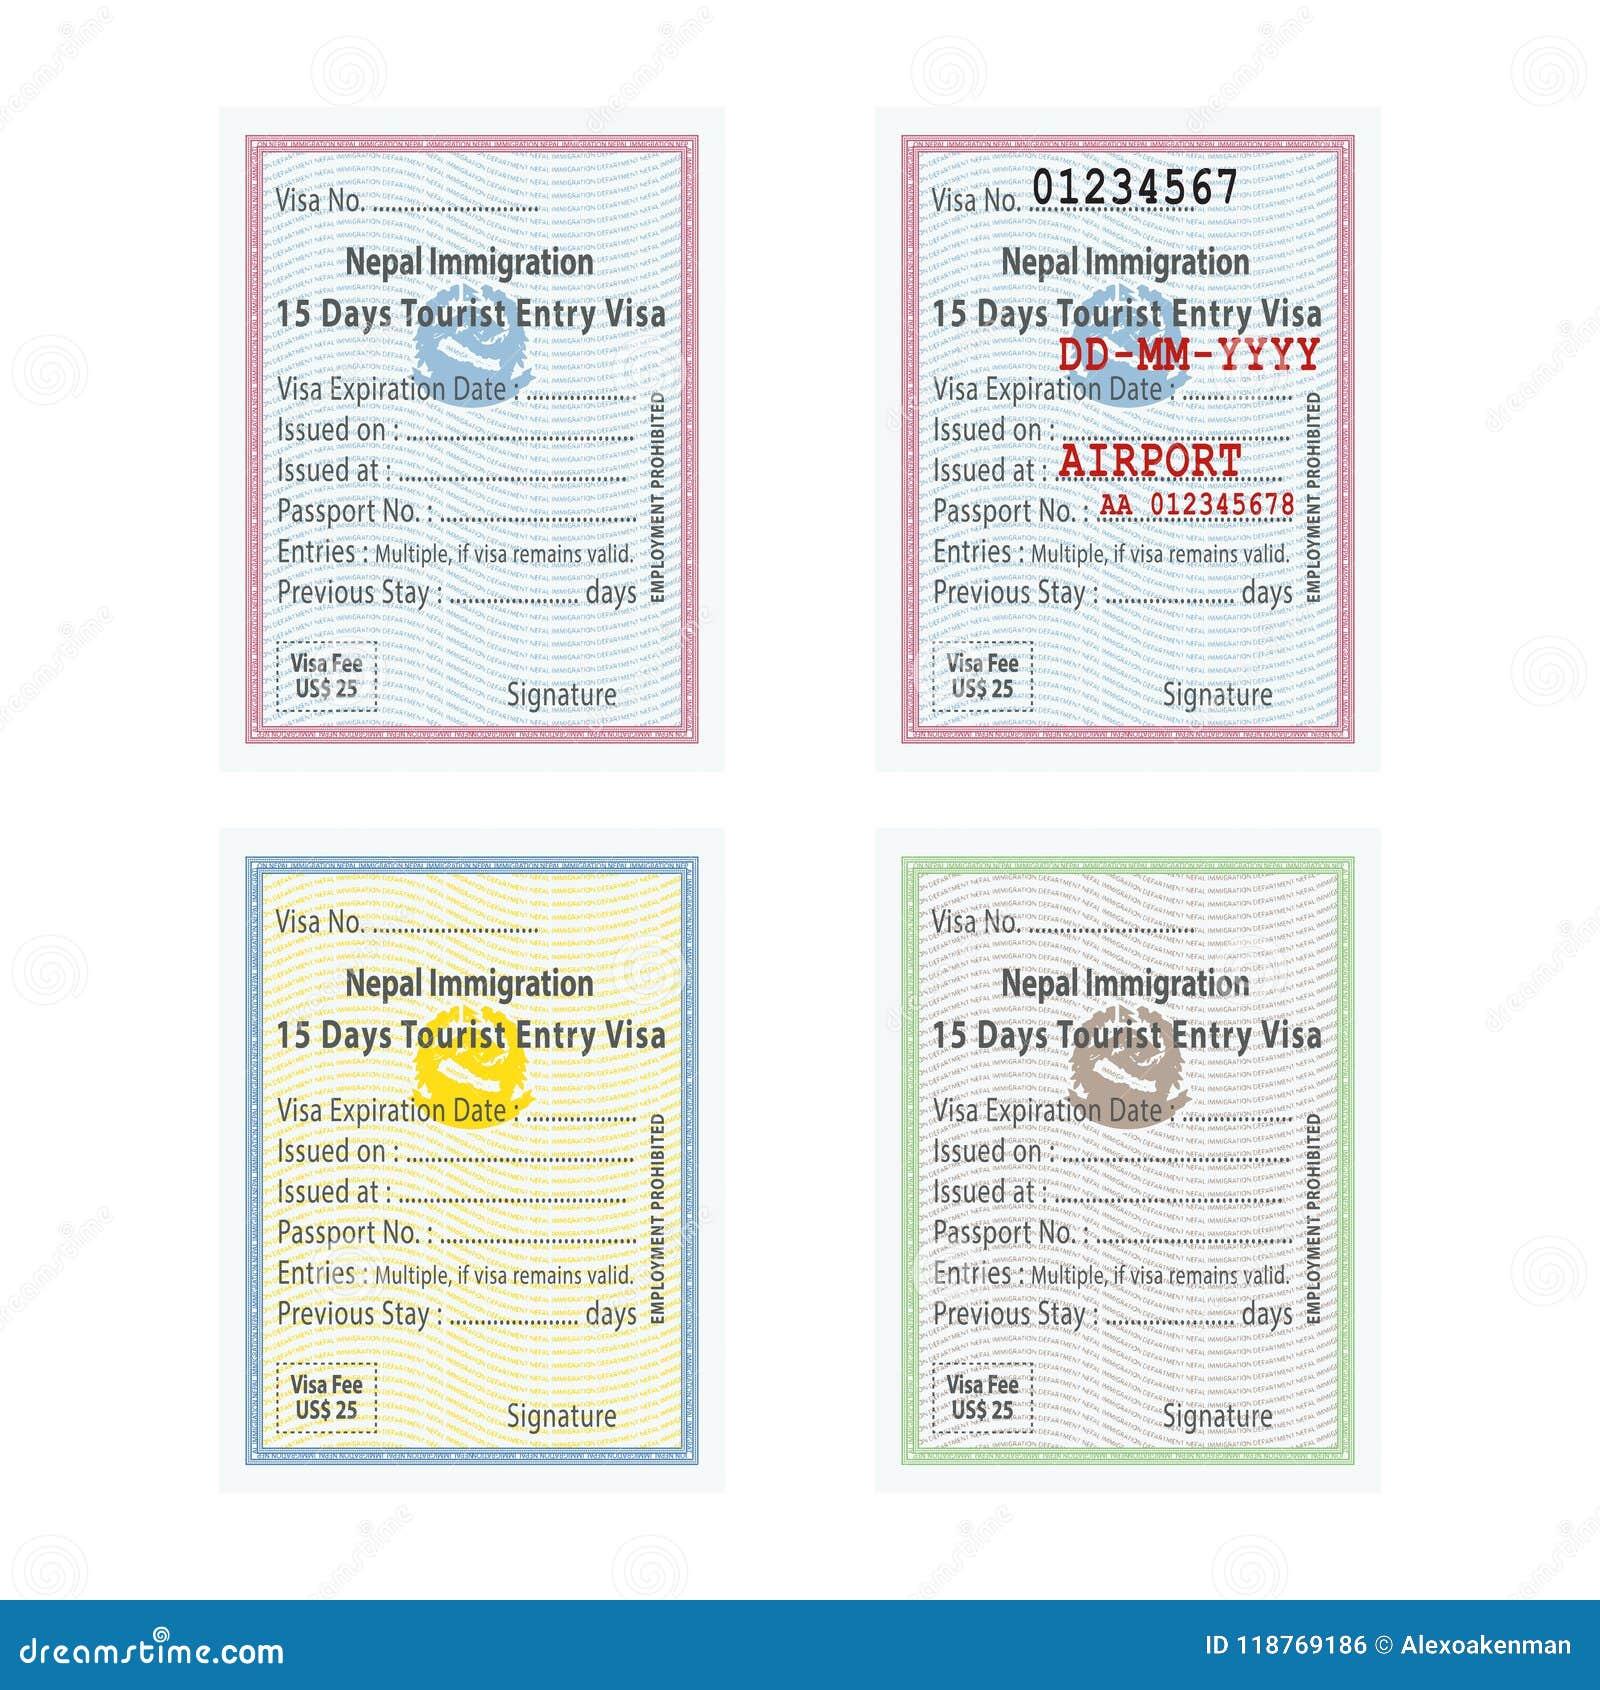 passport card template - Hizir kaptanband co